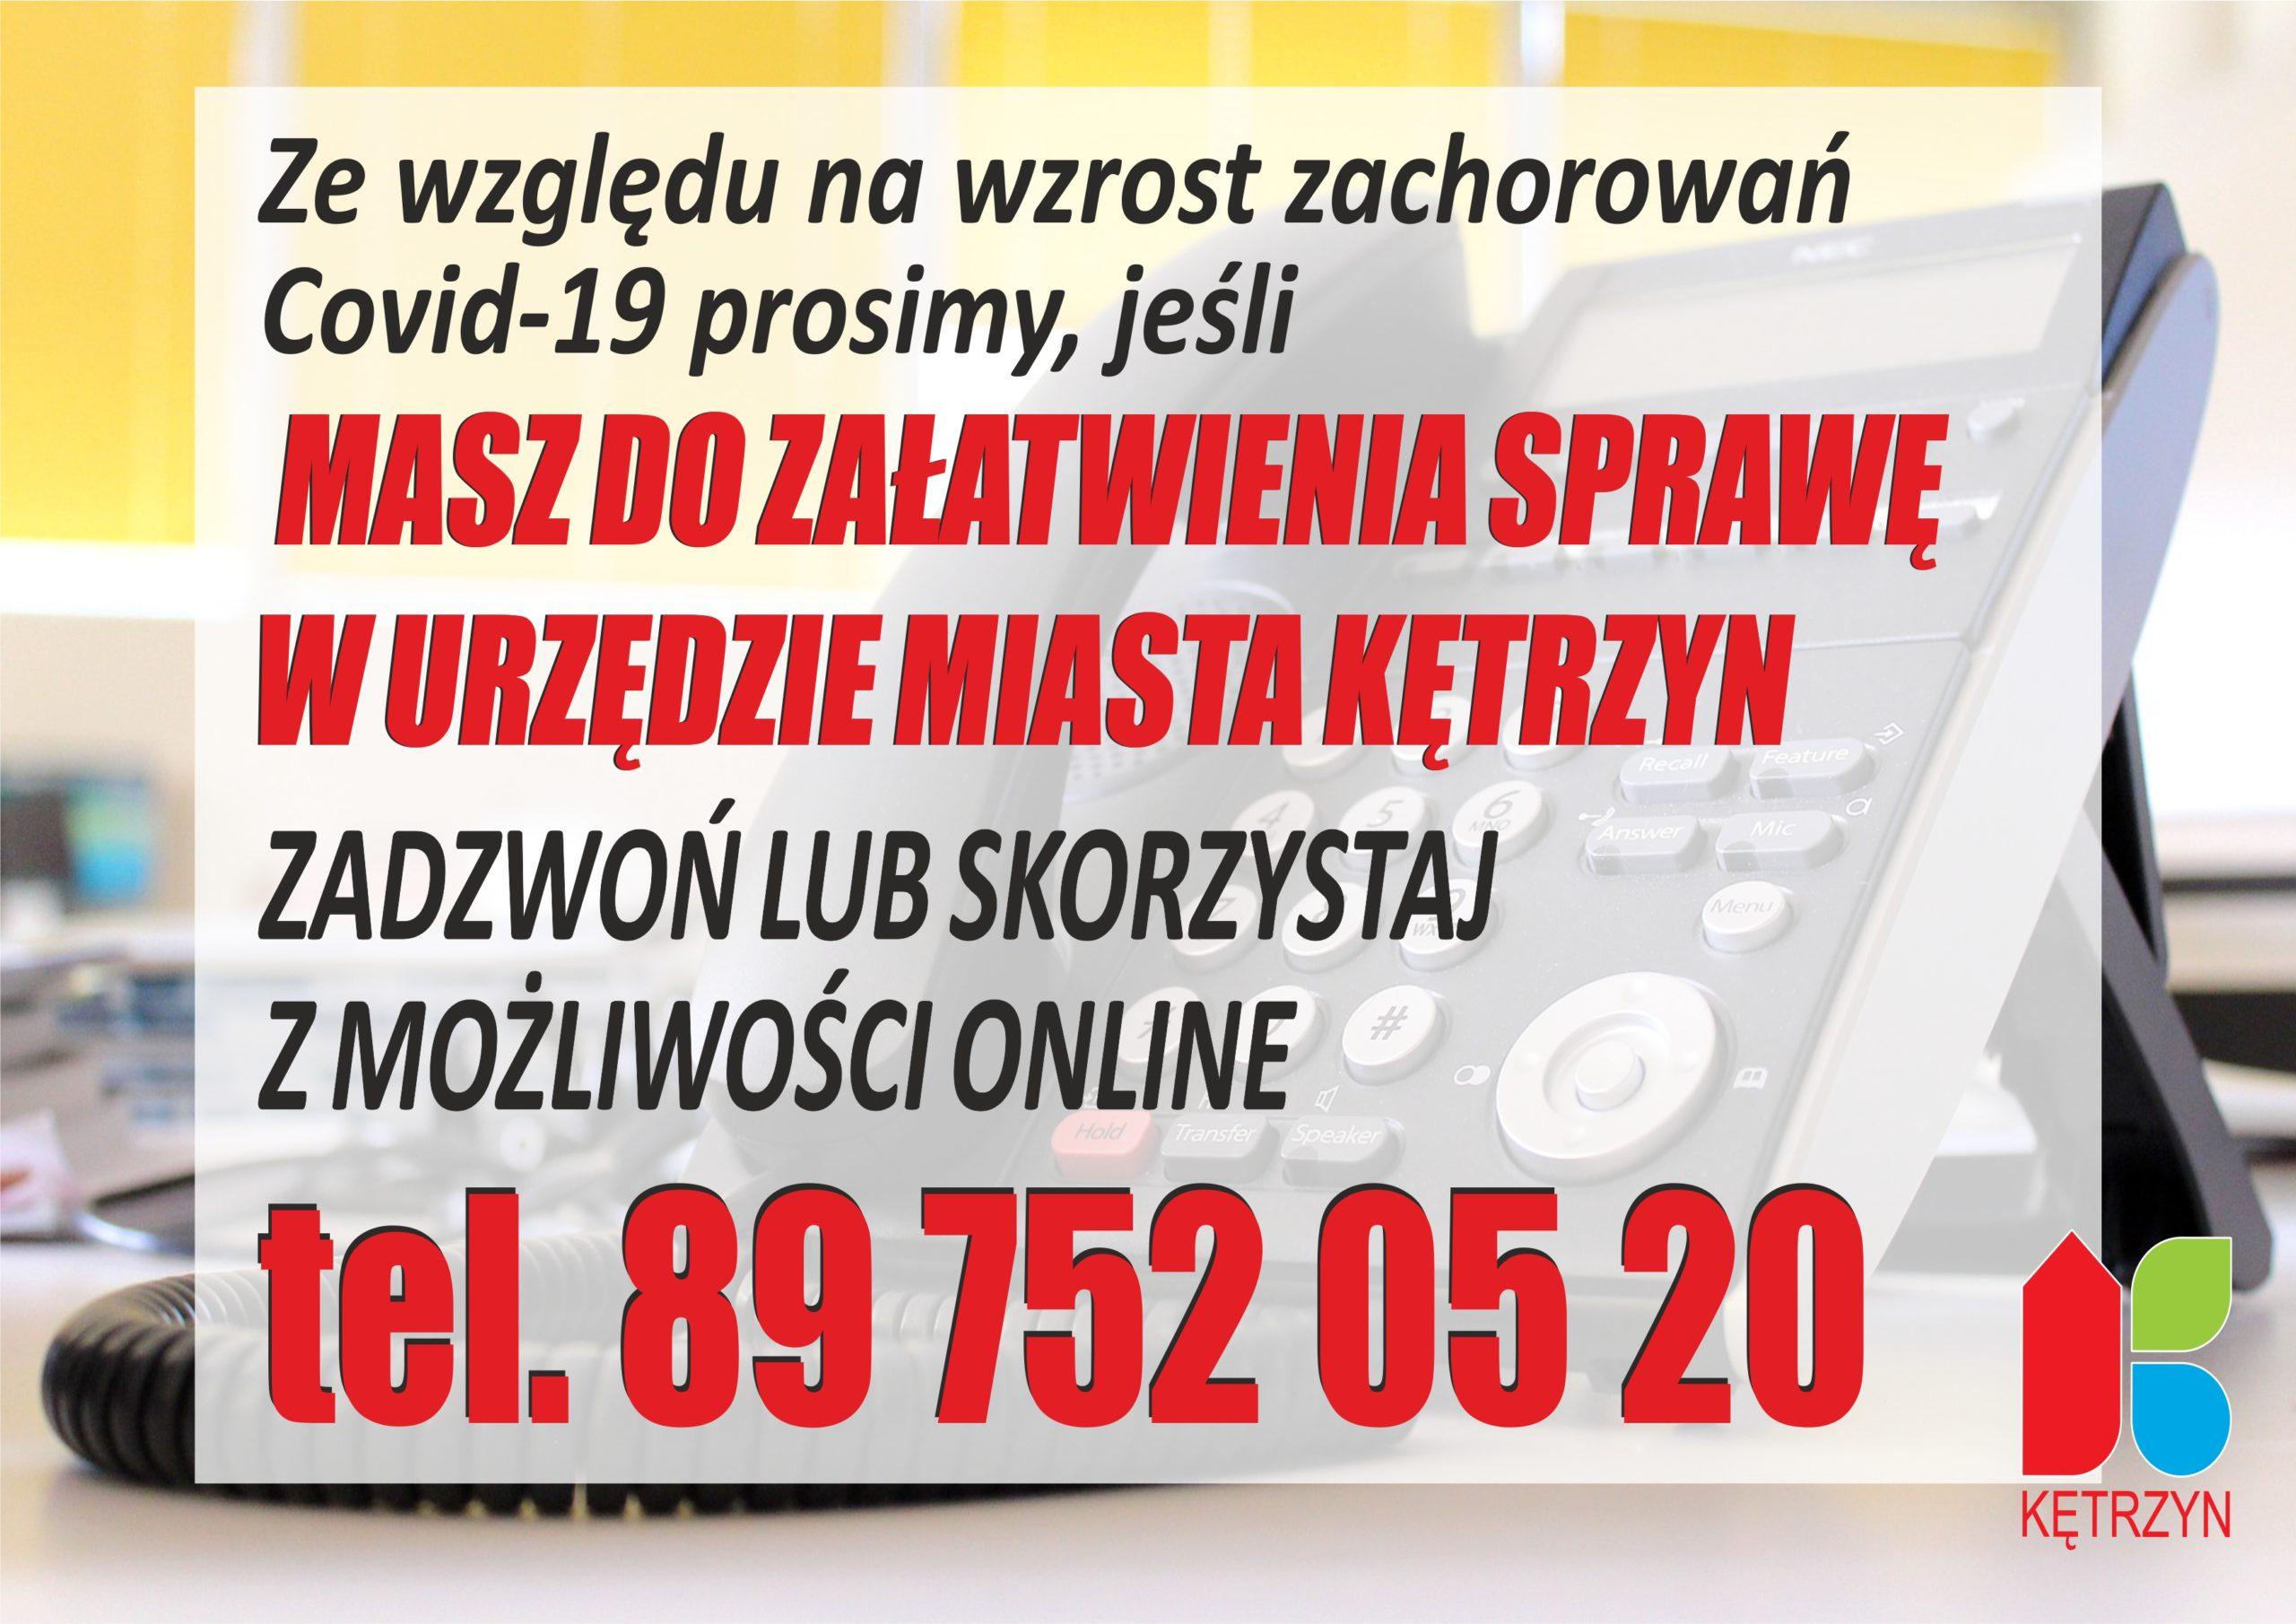 Grafika na której umieszczono tekst o treści: Ze względu na wzrost zachorowań na Covid-19 prosimy, jeśli Masz do załatwienia sprawę w Urzędzie Miasta Kętrzyn zadzwoń lub skorzystaj z możliwości online tel. 89 752 05 20